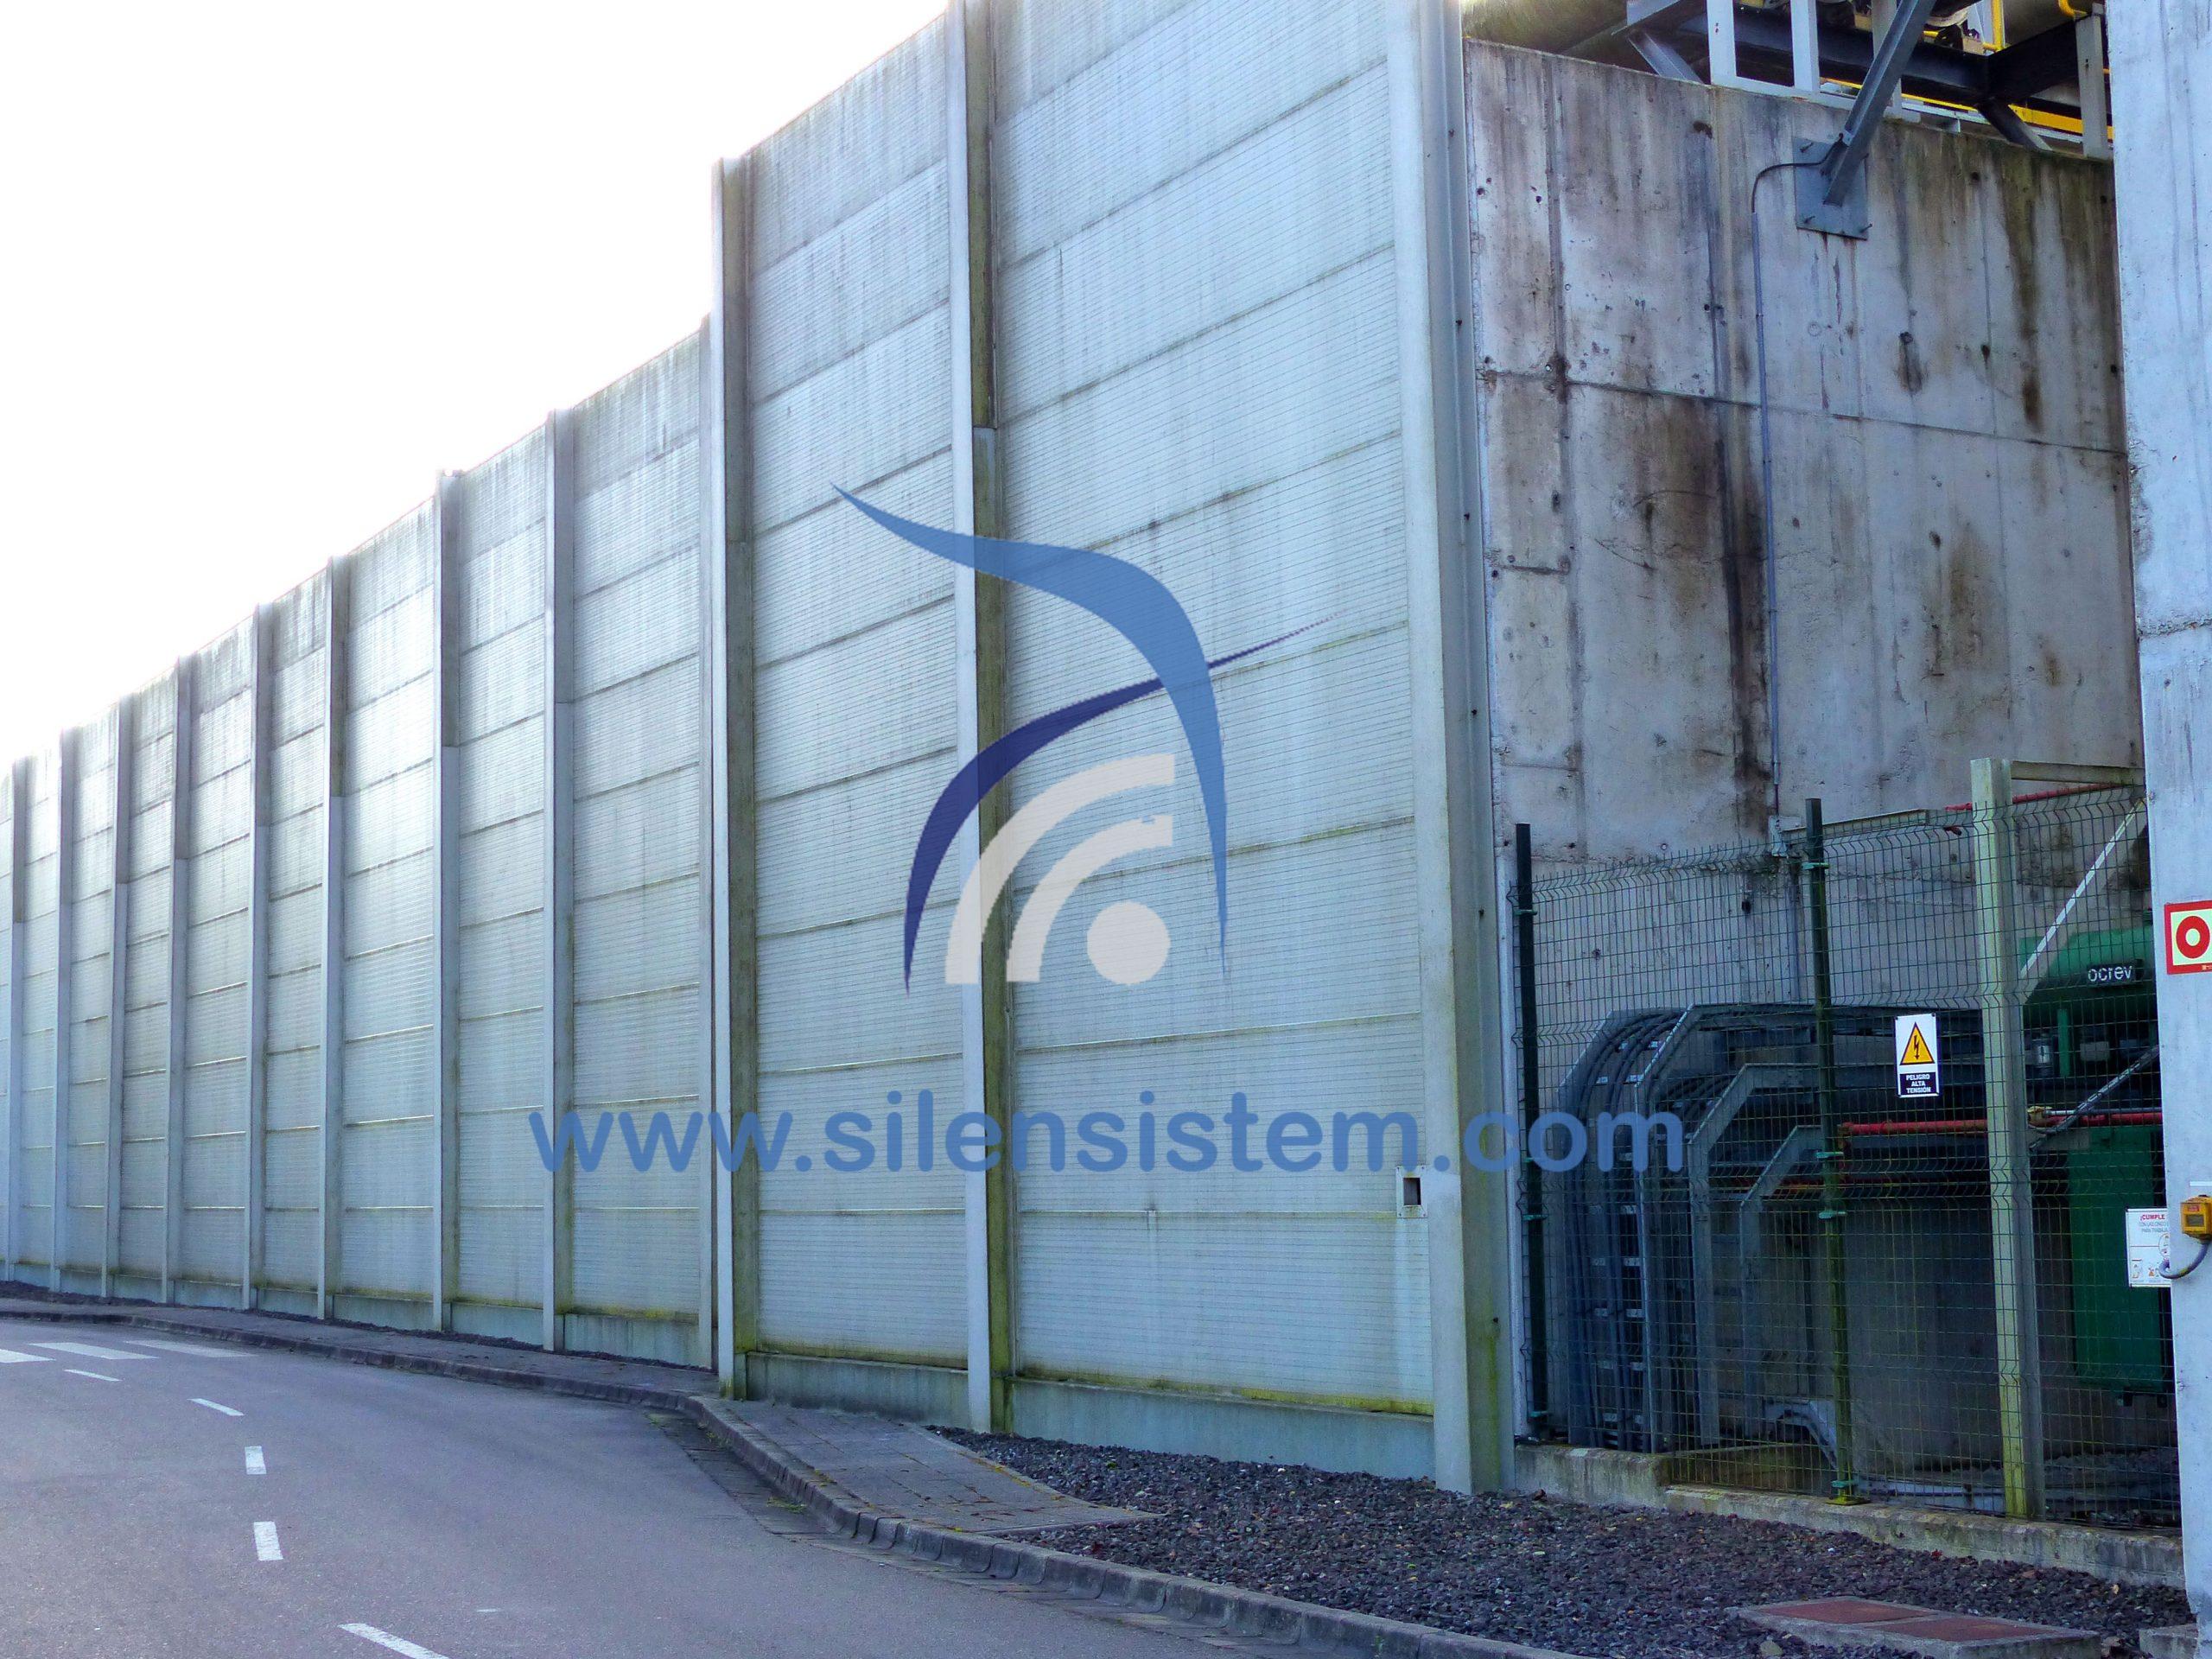 Ejemplo de como insonorizar una pared mediante paneles insonorizantes y espuma insonorizante. Apantallamiento acústico de una fabrica mediante un cerramiento acústico industrial.